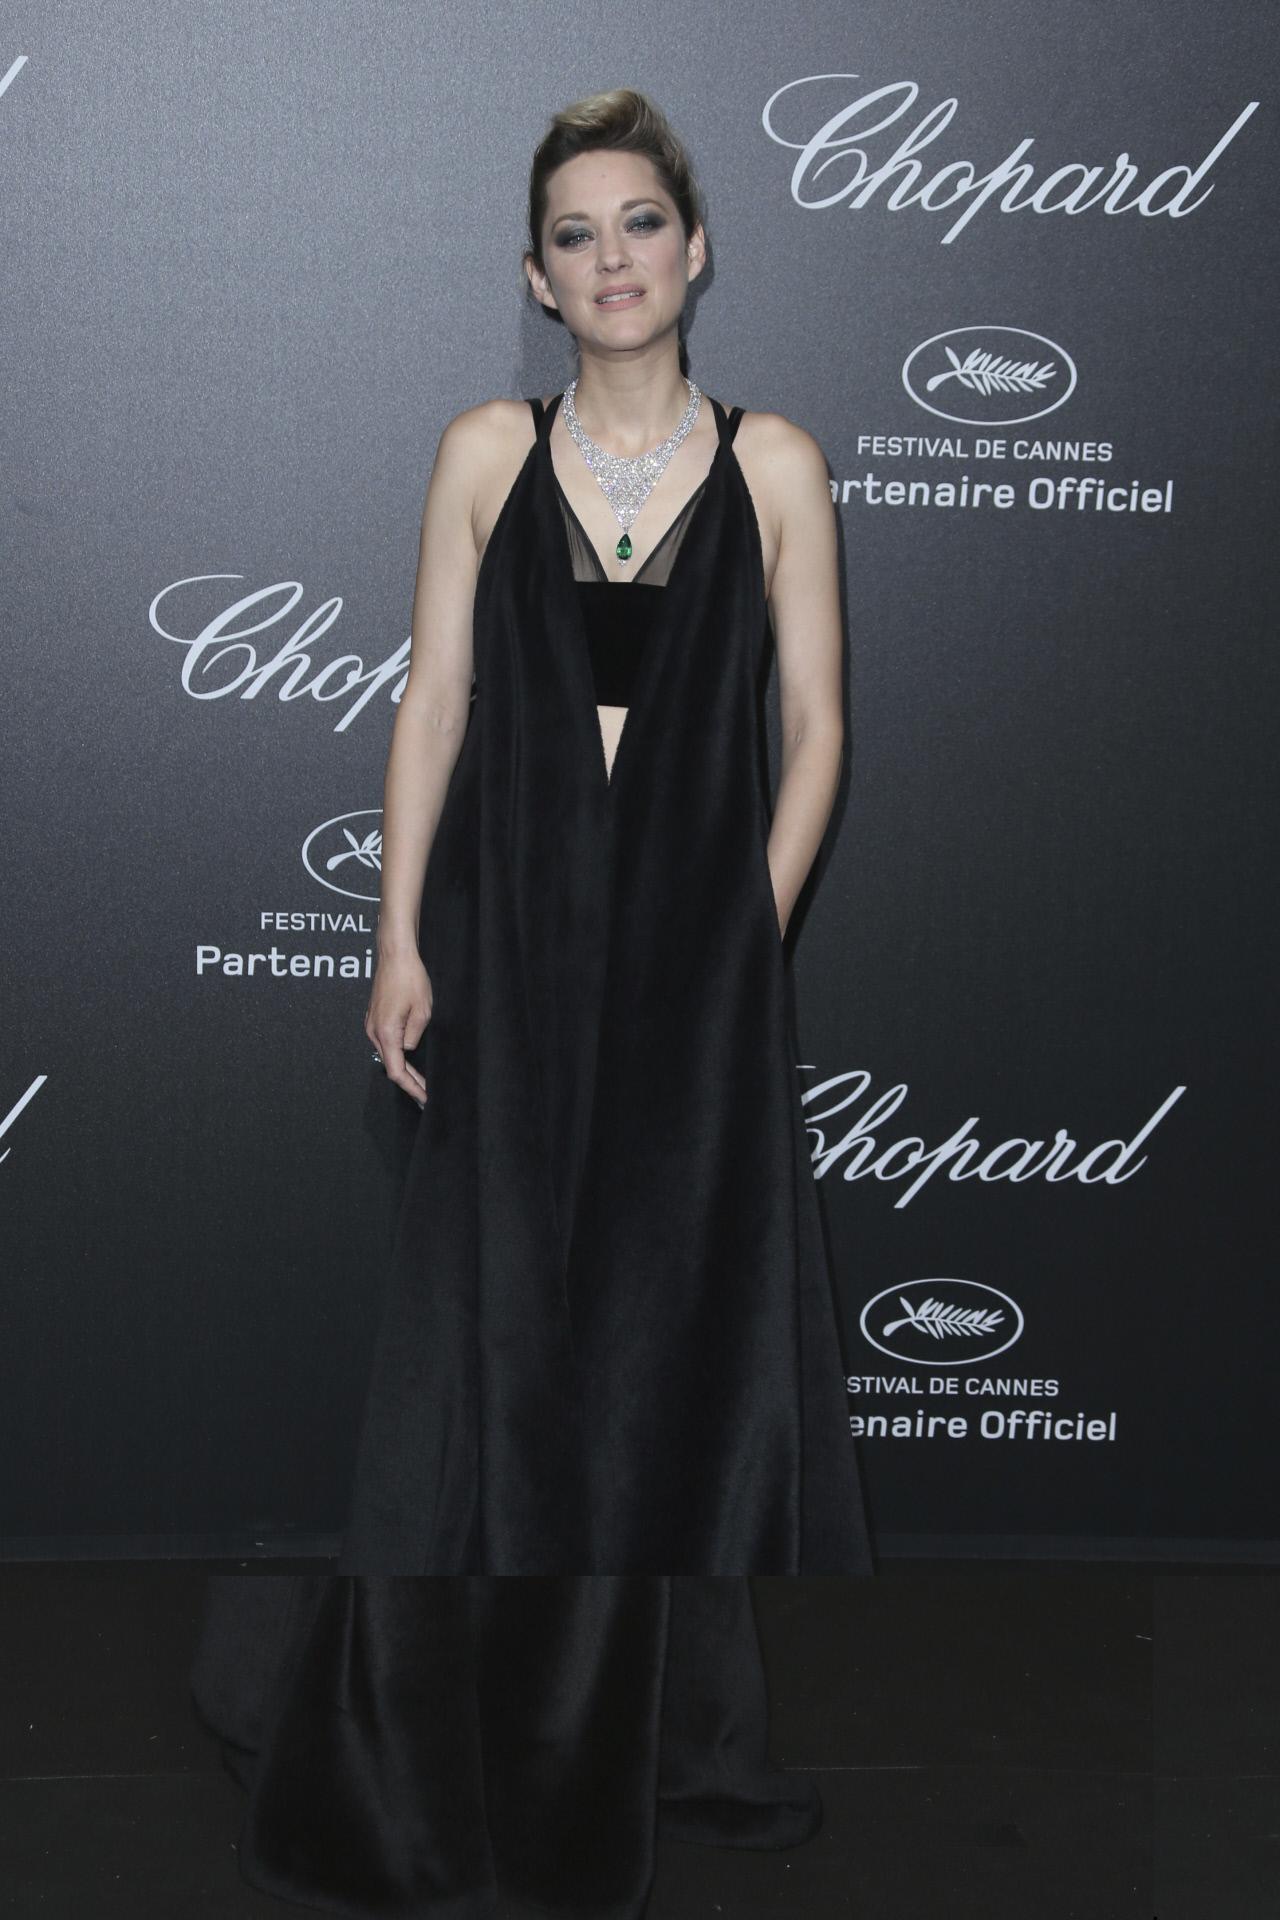 Un look muy parecido fue el que escogió ya en 2018 para la fiesta de Chopard en el Festival de Cannes. Se llama coherencia.